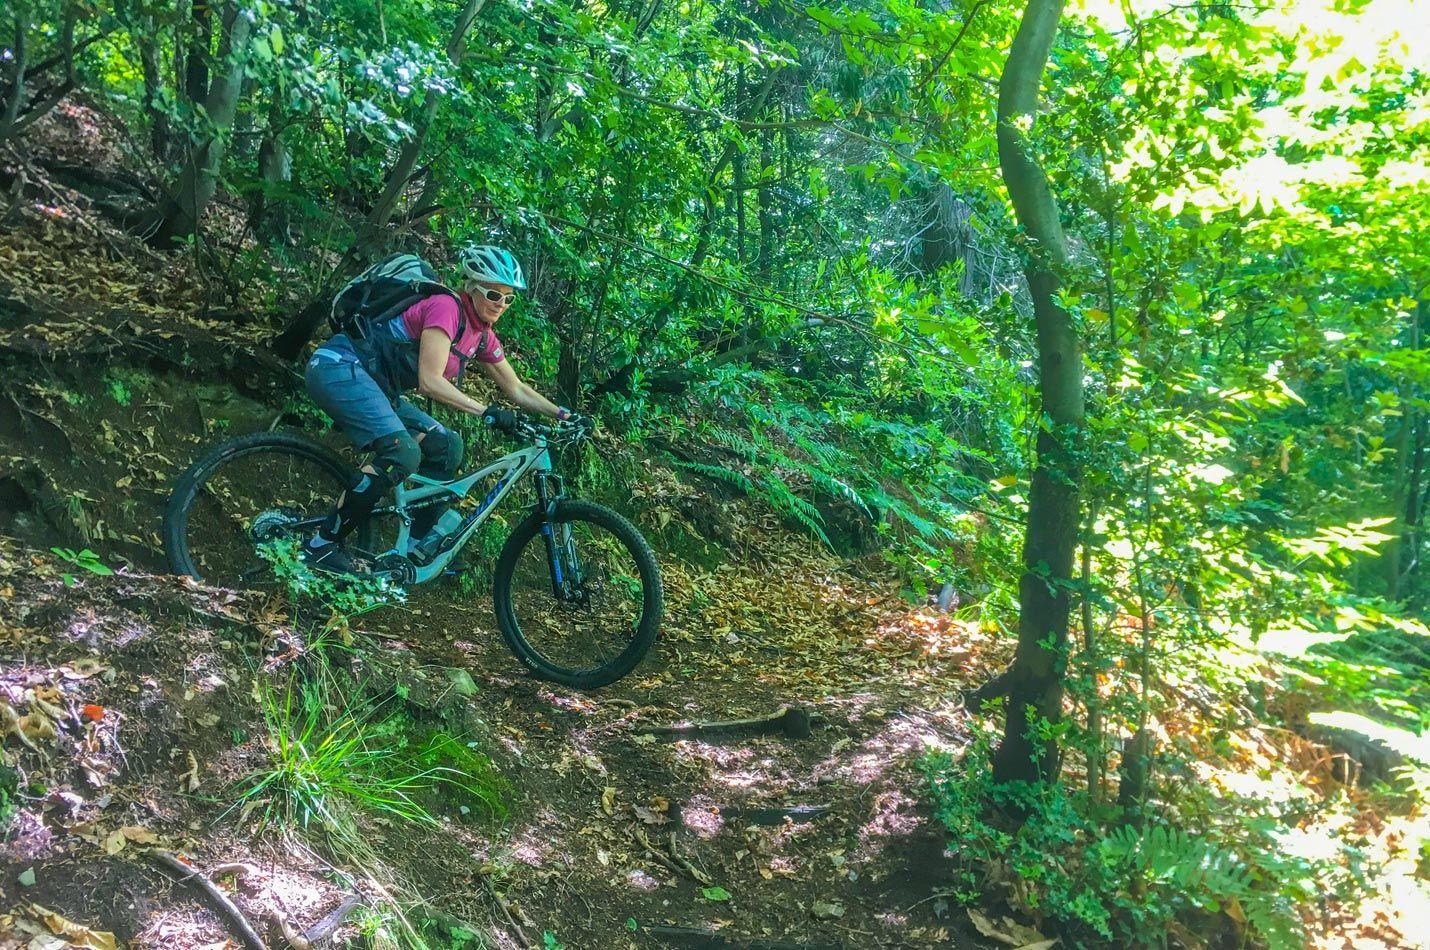 Frauen Singletrail Wochenend Kurs mit einer Bikerin beim Serpentinen Fahren